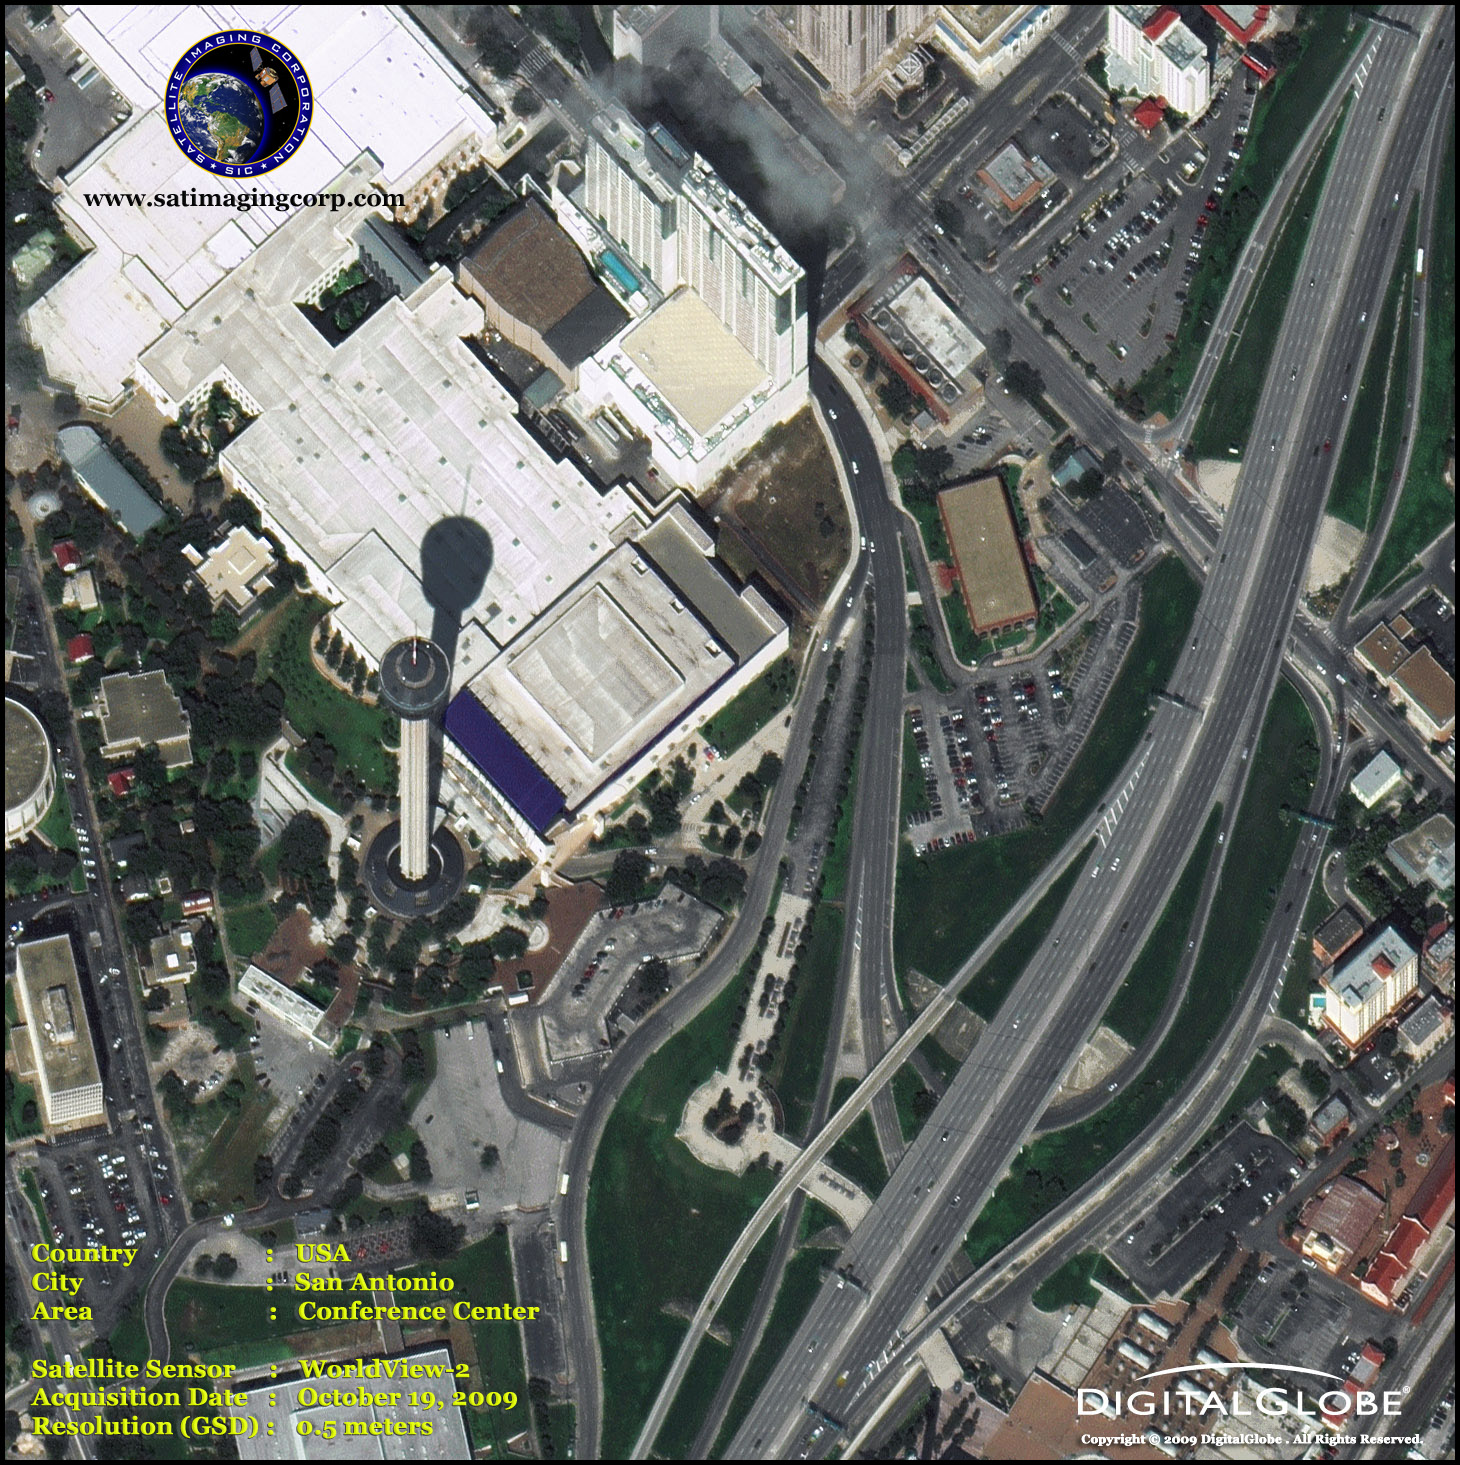 WorldView Satellite Image Of San Antonio Texas Satellite - Worldview 2 satellite